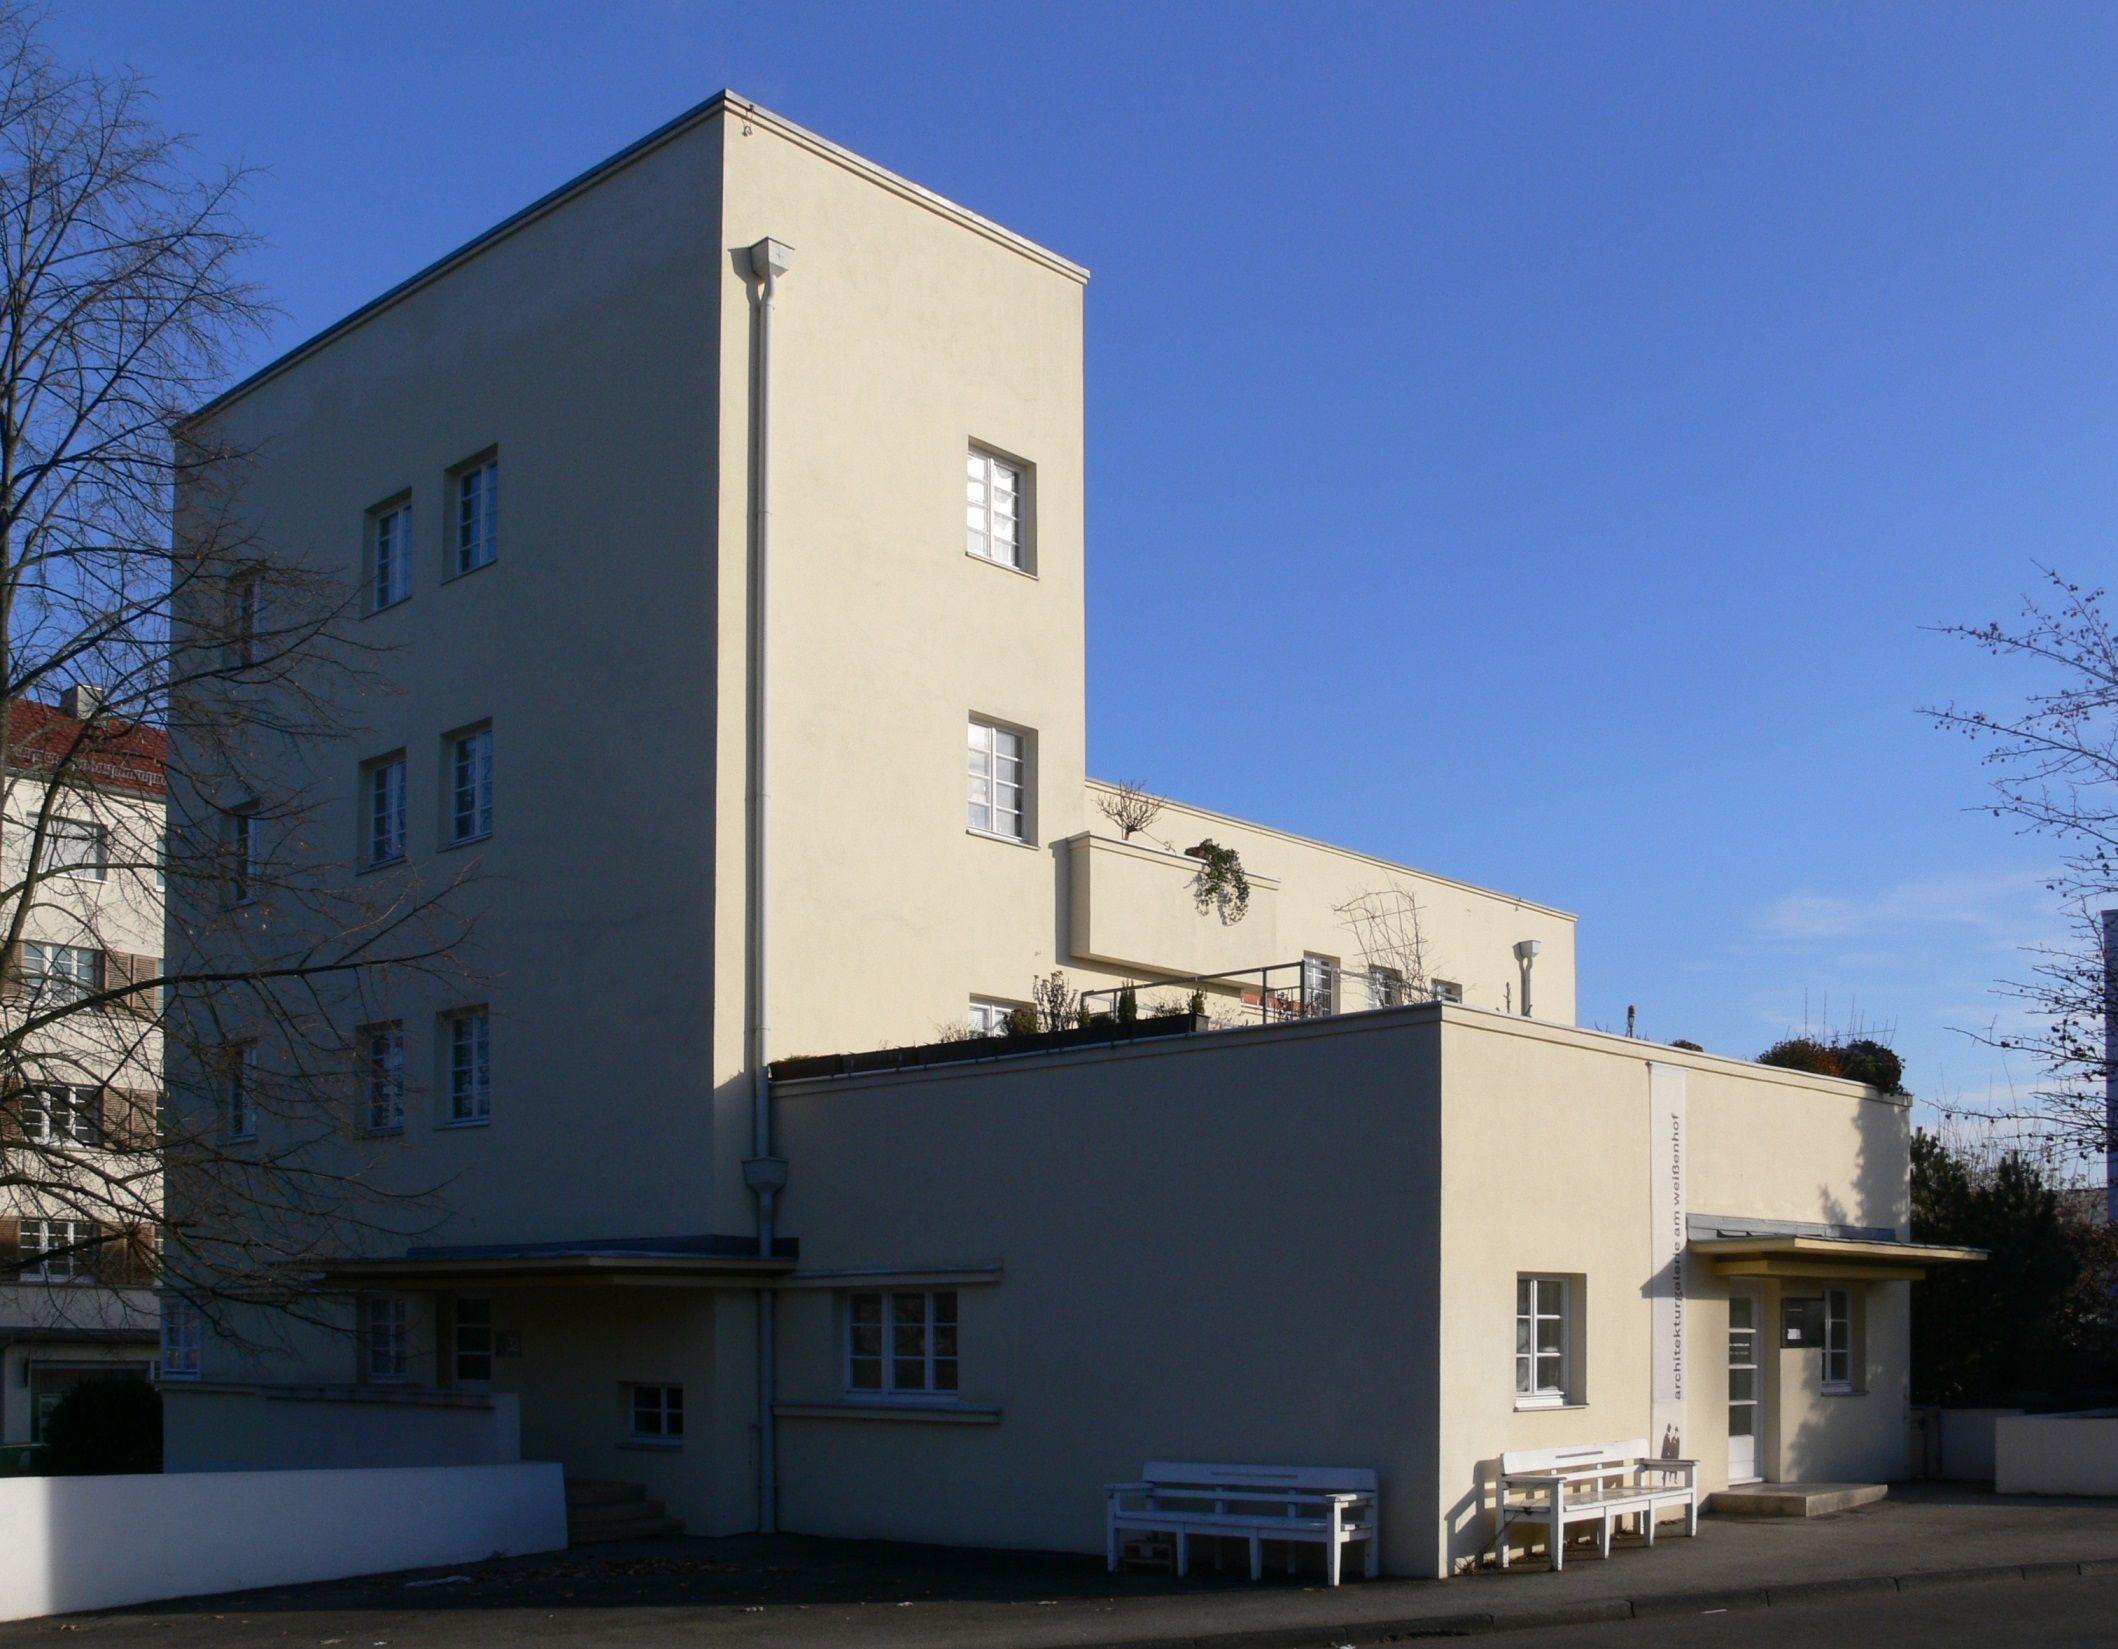 Peter Behrens Stuttgart Wei Enhofsiedlung Haus Von Peter  # Muebles Peter Behrens